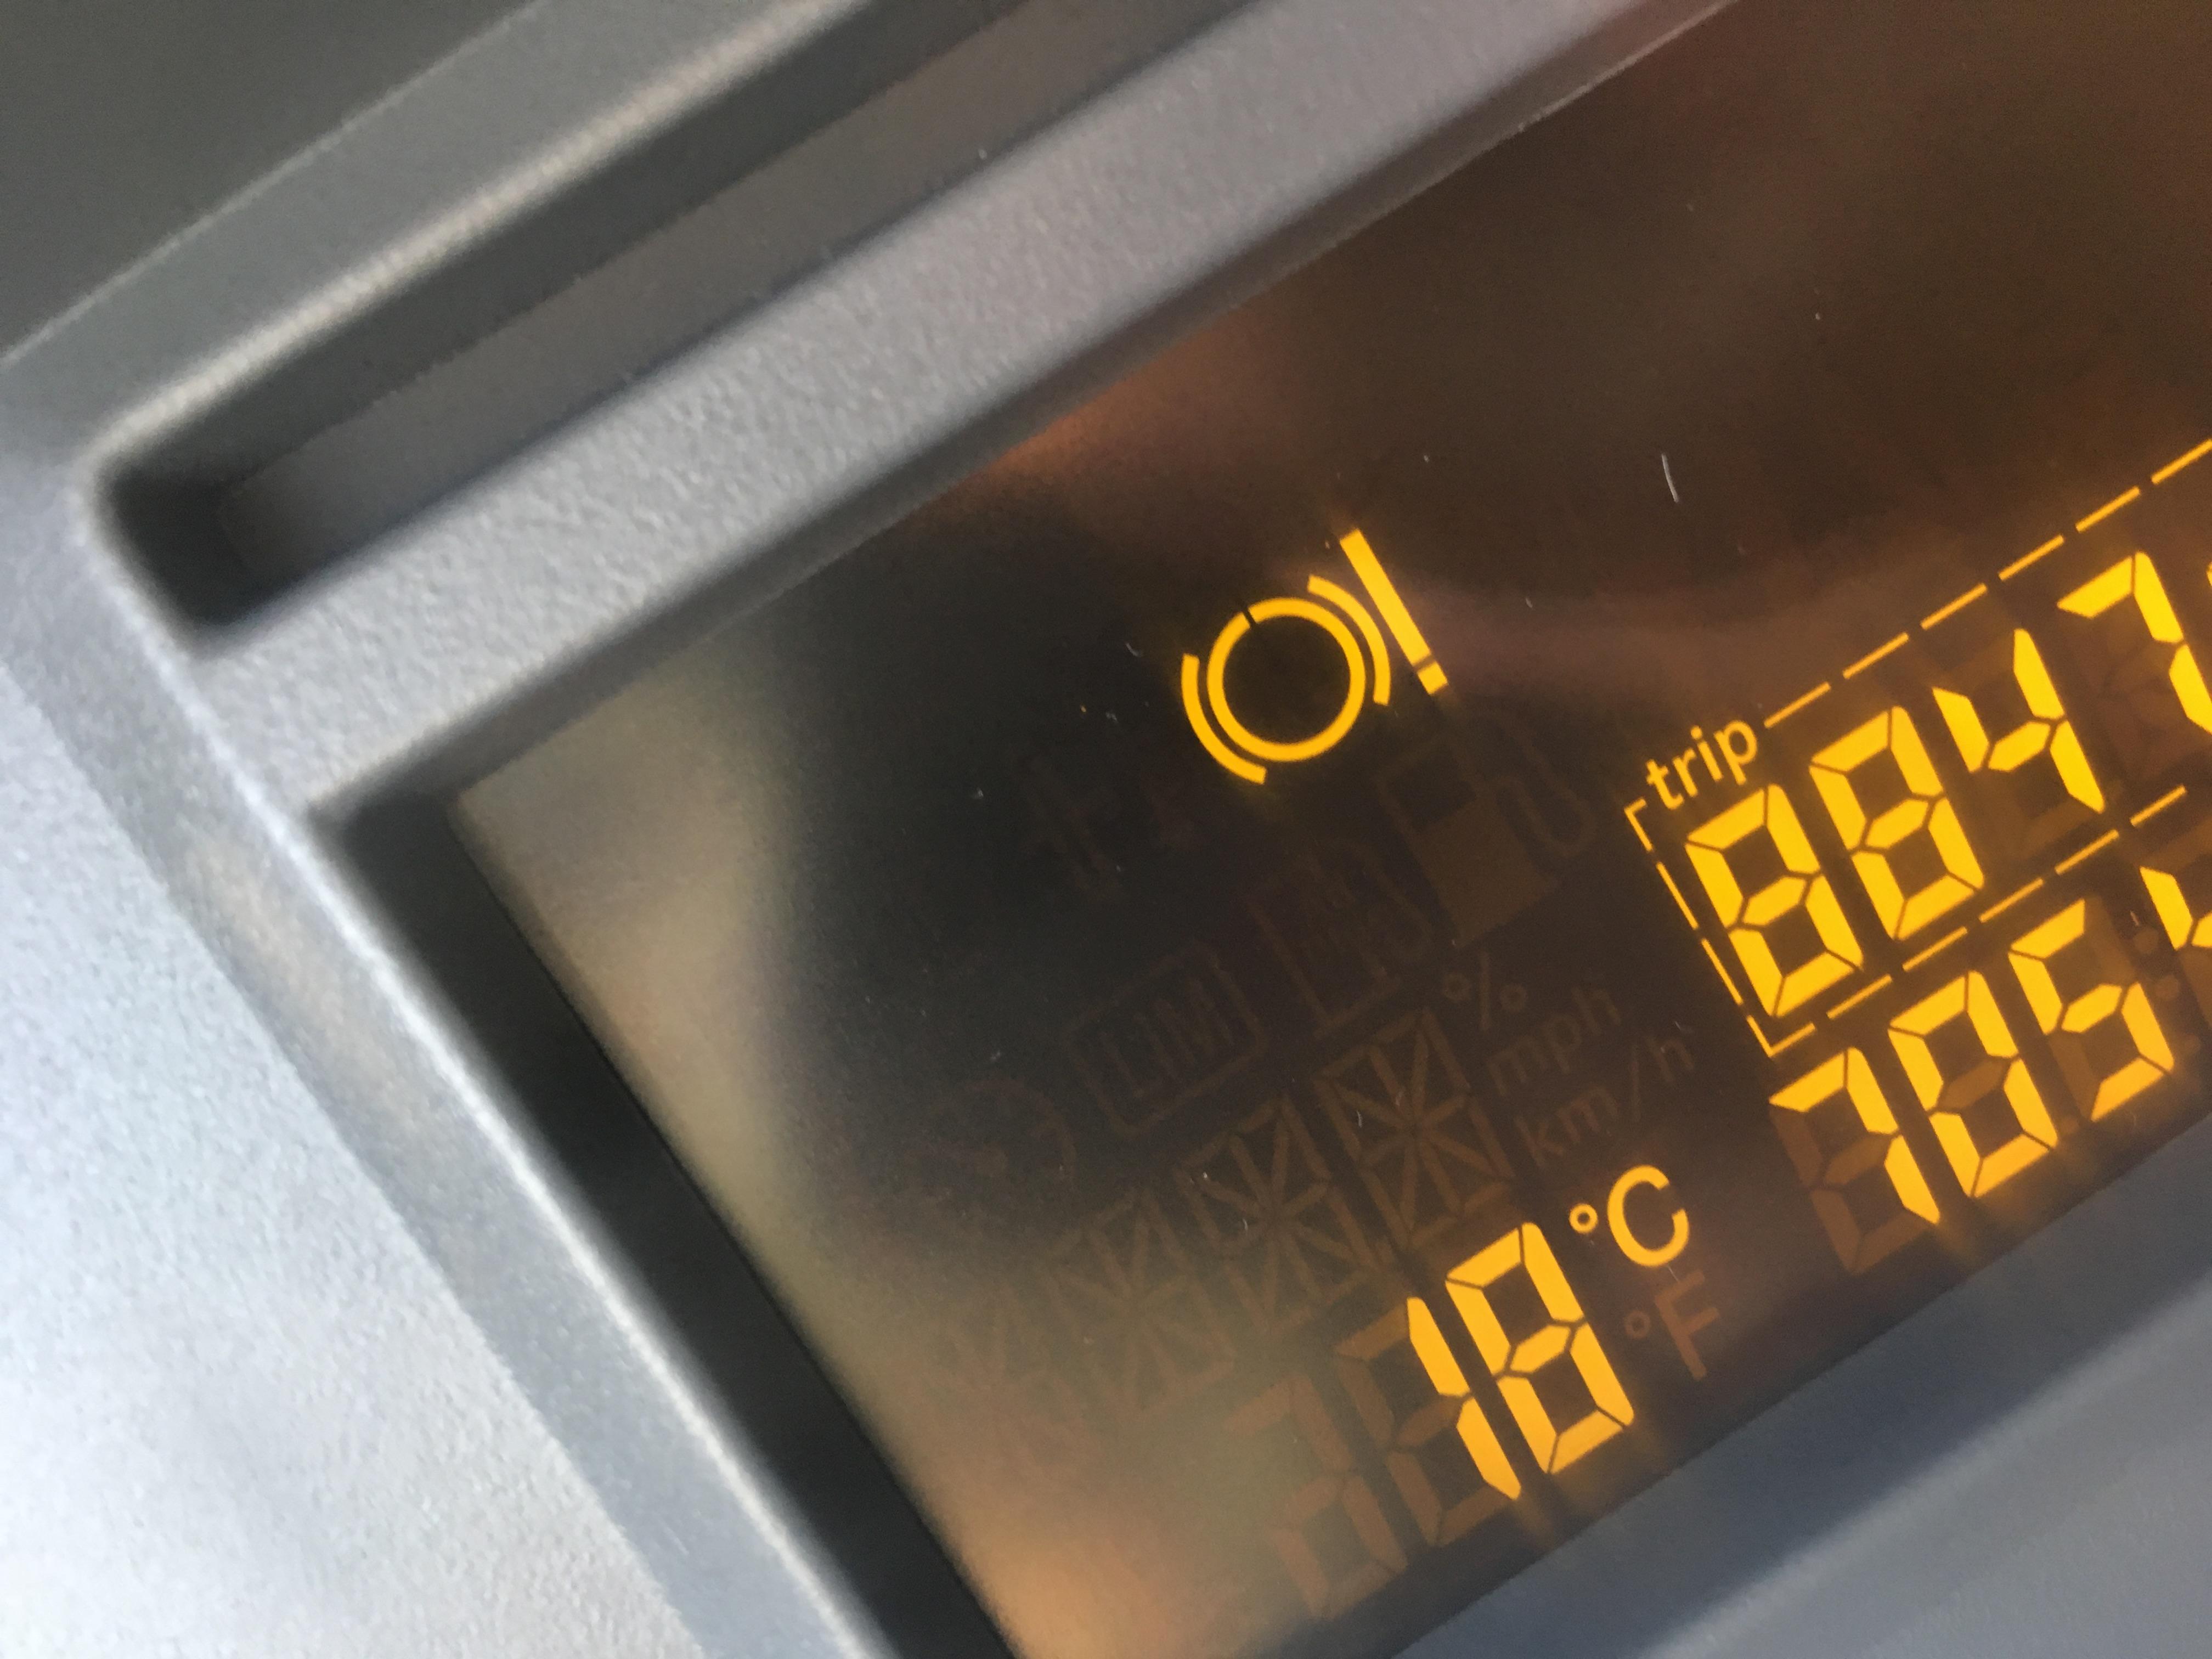 Inne rodzaje Mercedes AXOR - Kontrolki 2 co oznaczają? - elektroda.pl EX58